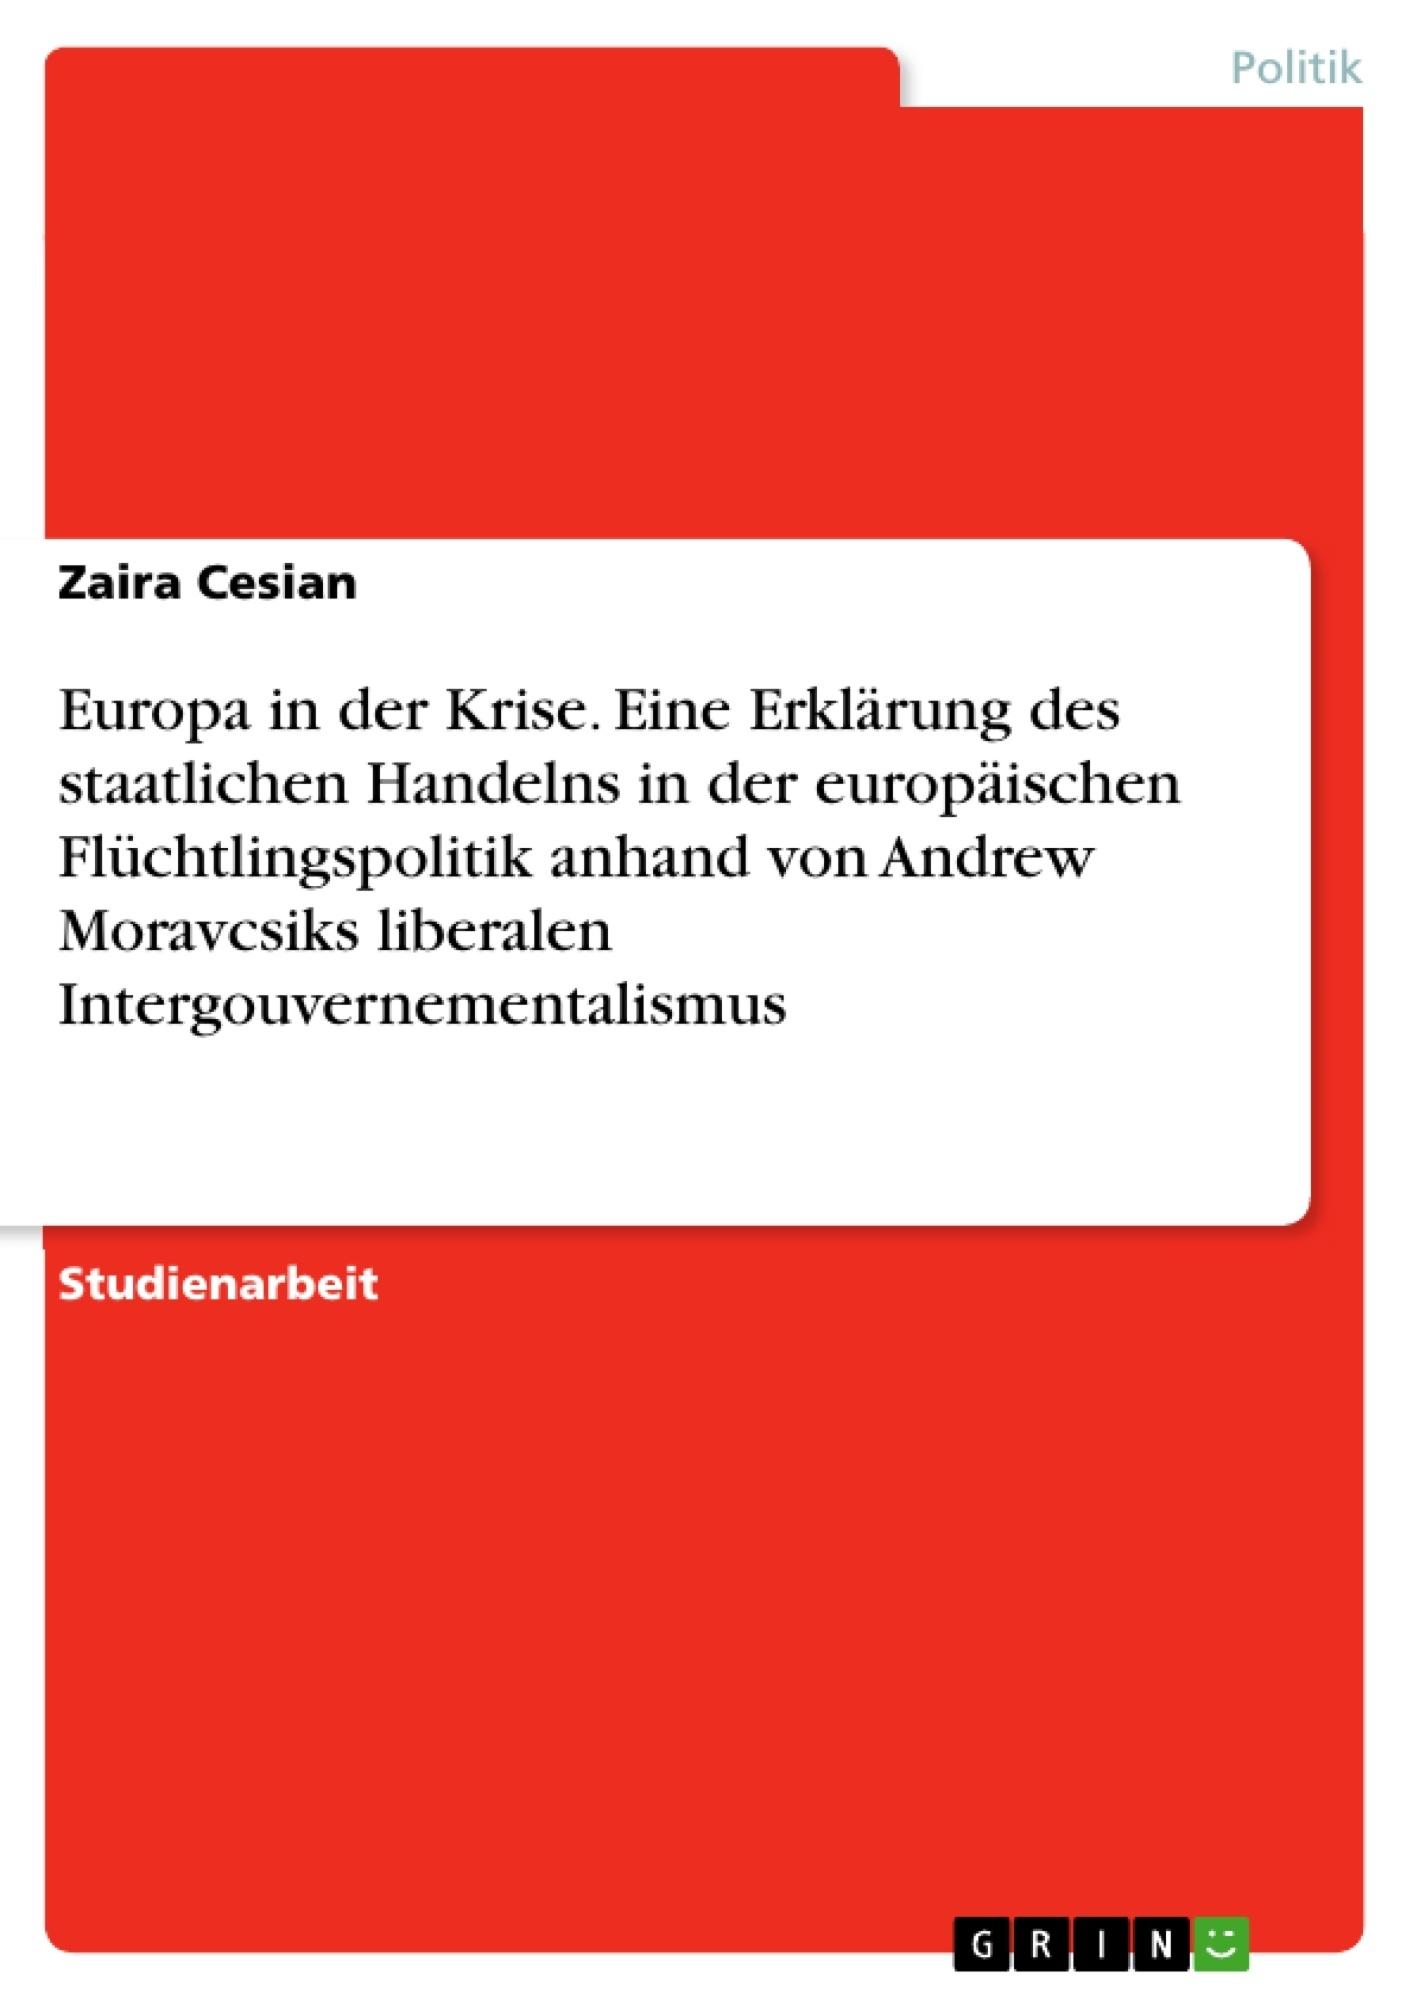 Titel: Europa in der Krise. Eine Erklärung des staatlichen Handelns in der europäischen Flüchtlingspolitik anhand von Andrew Moravcsiks liberalen Intergouvernementalismus